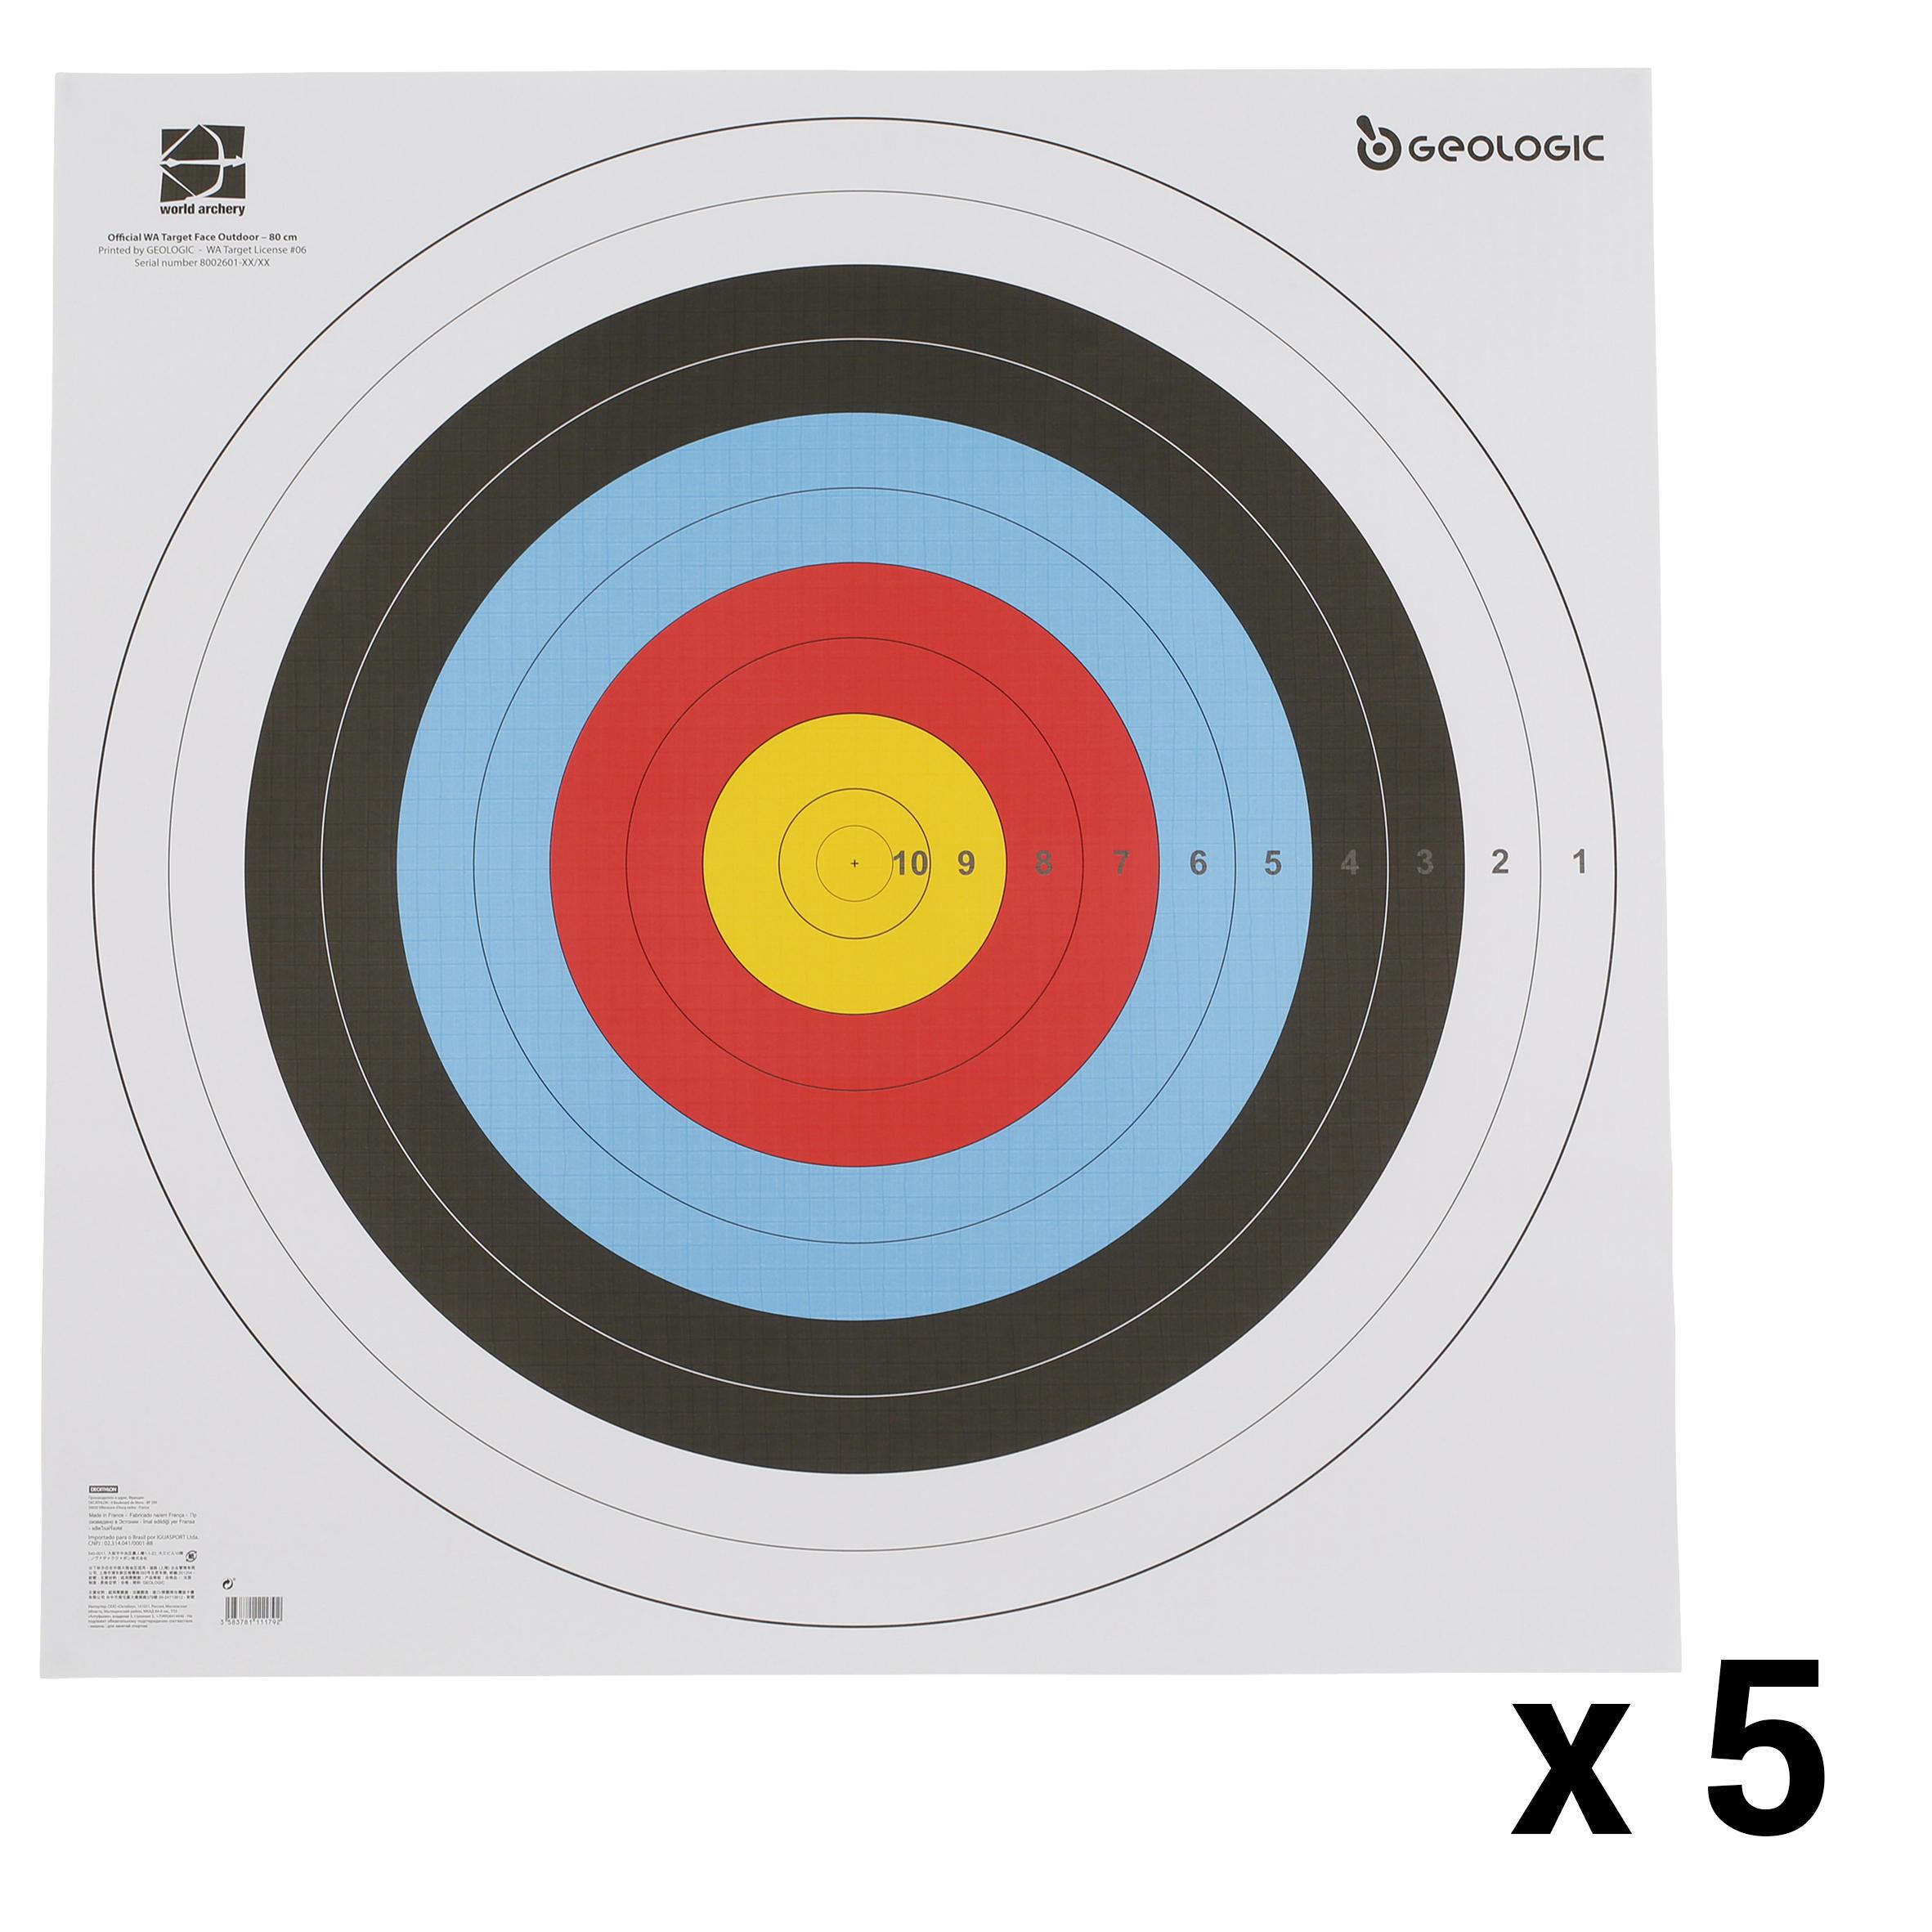 Țintă tir cu arcul 80x80 cm x5 imagine